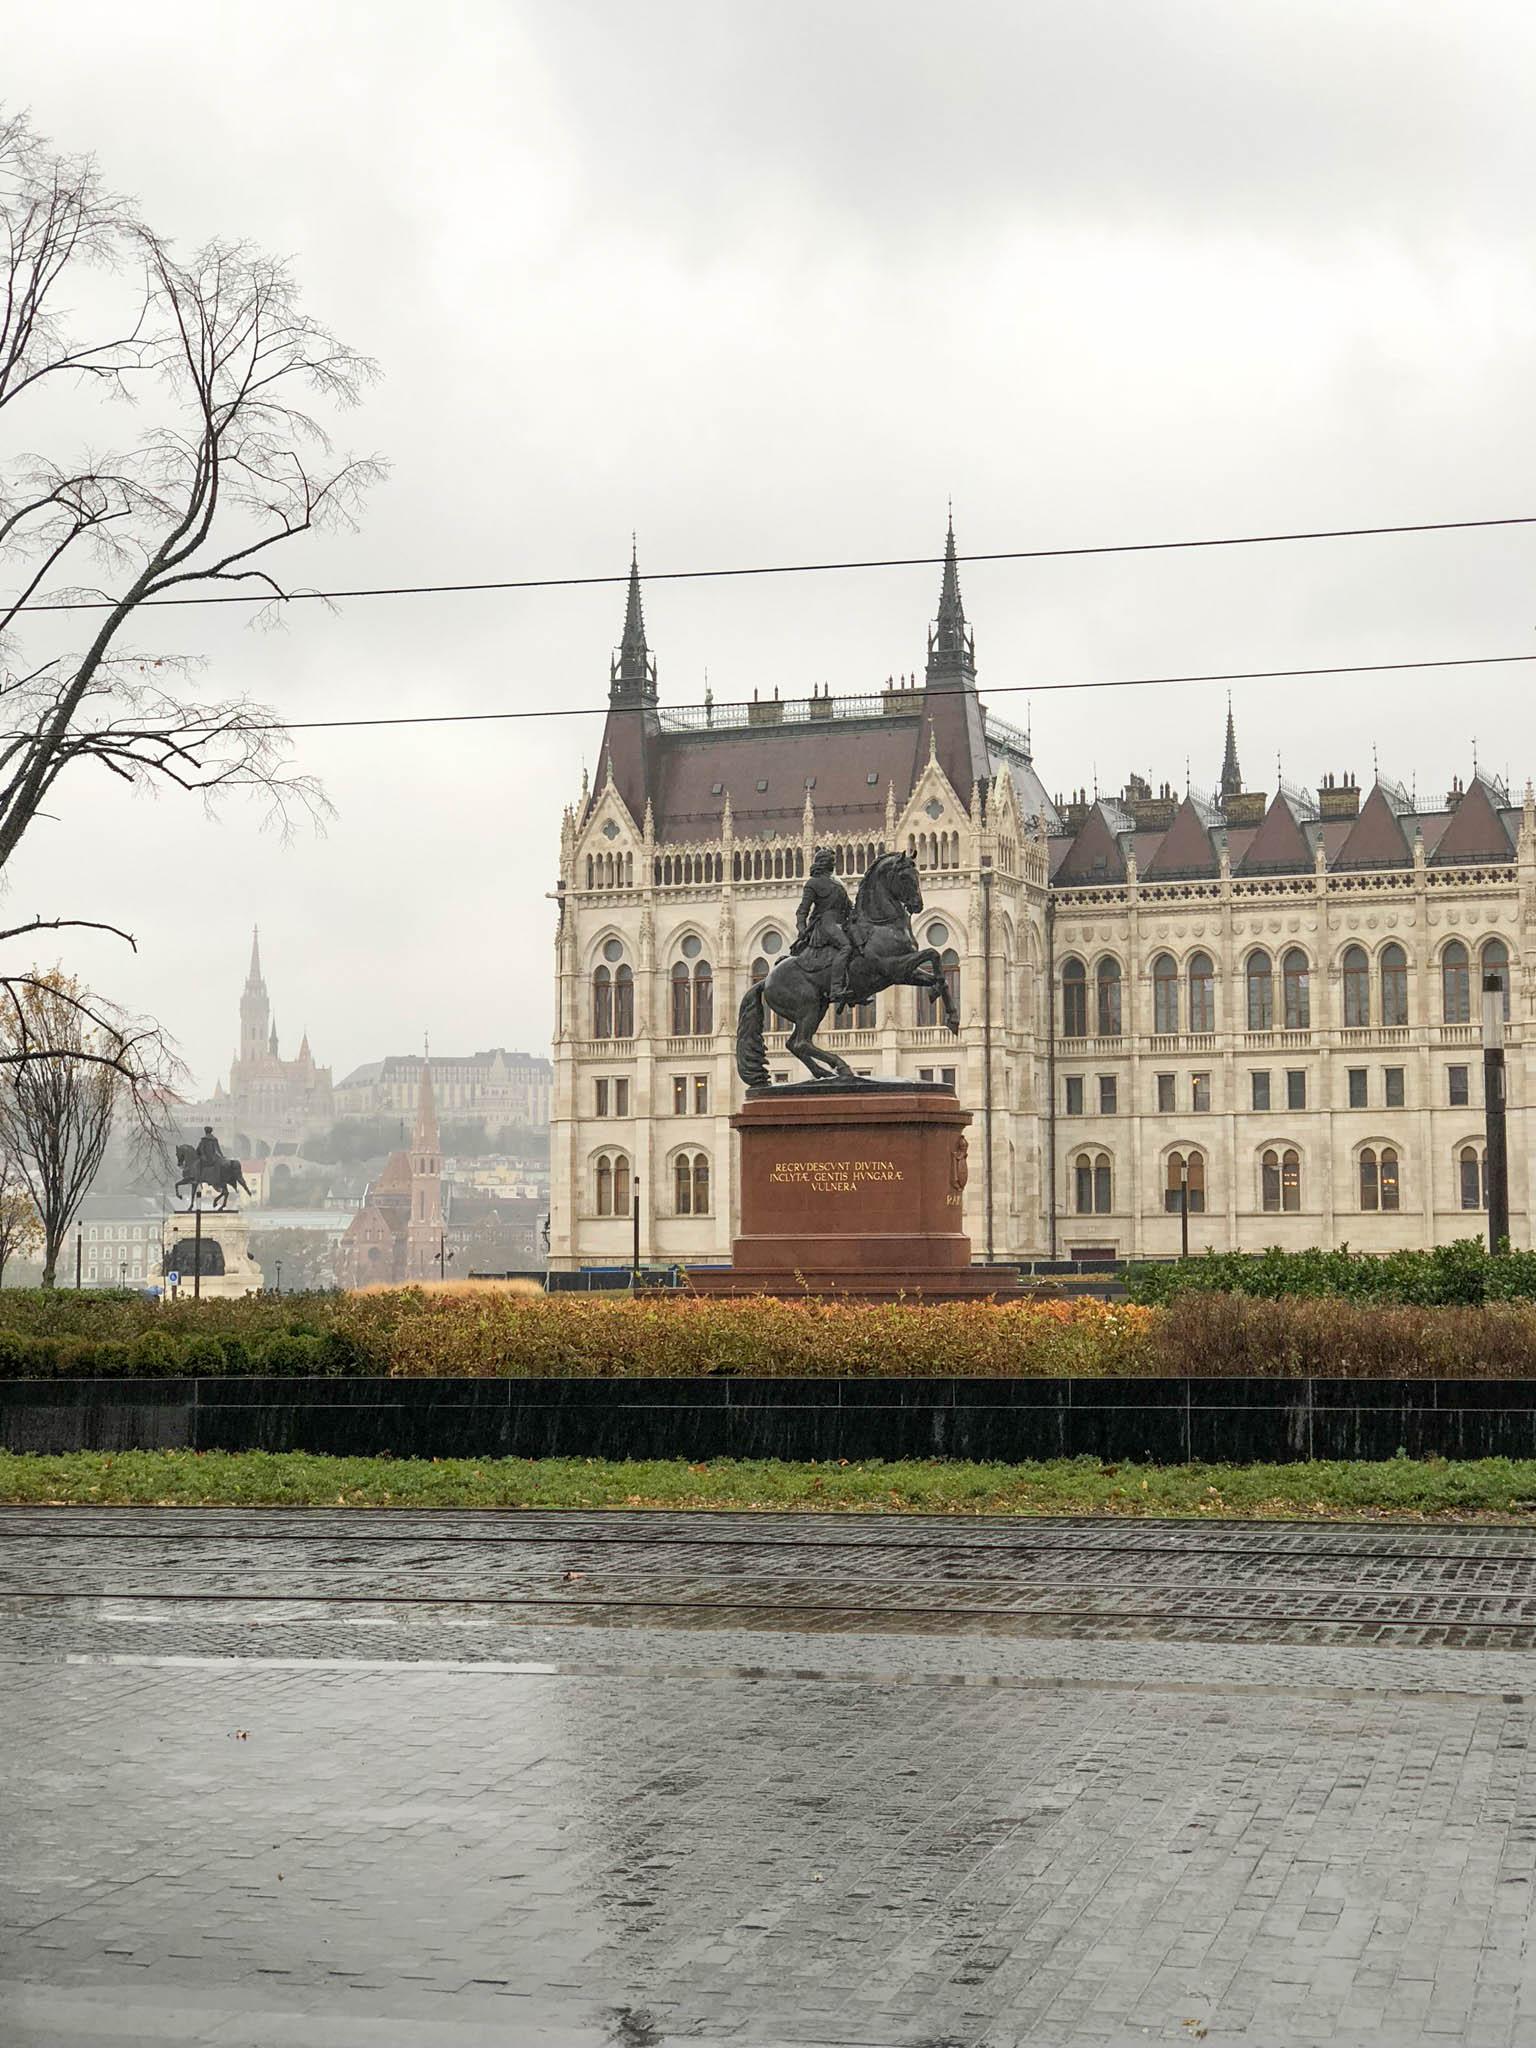 budapest travel guide, budapest hungary parliament building